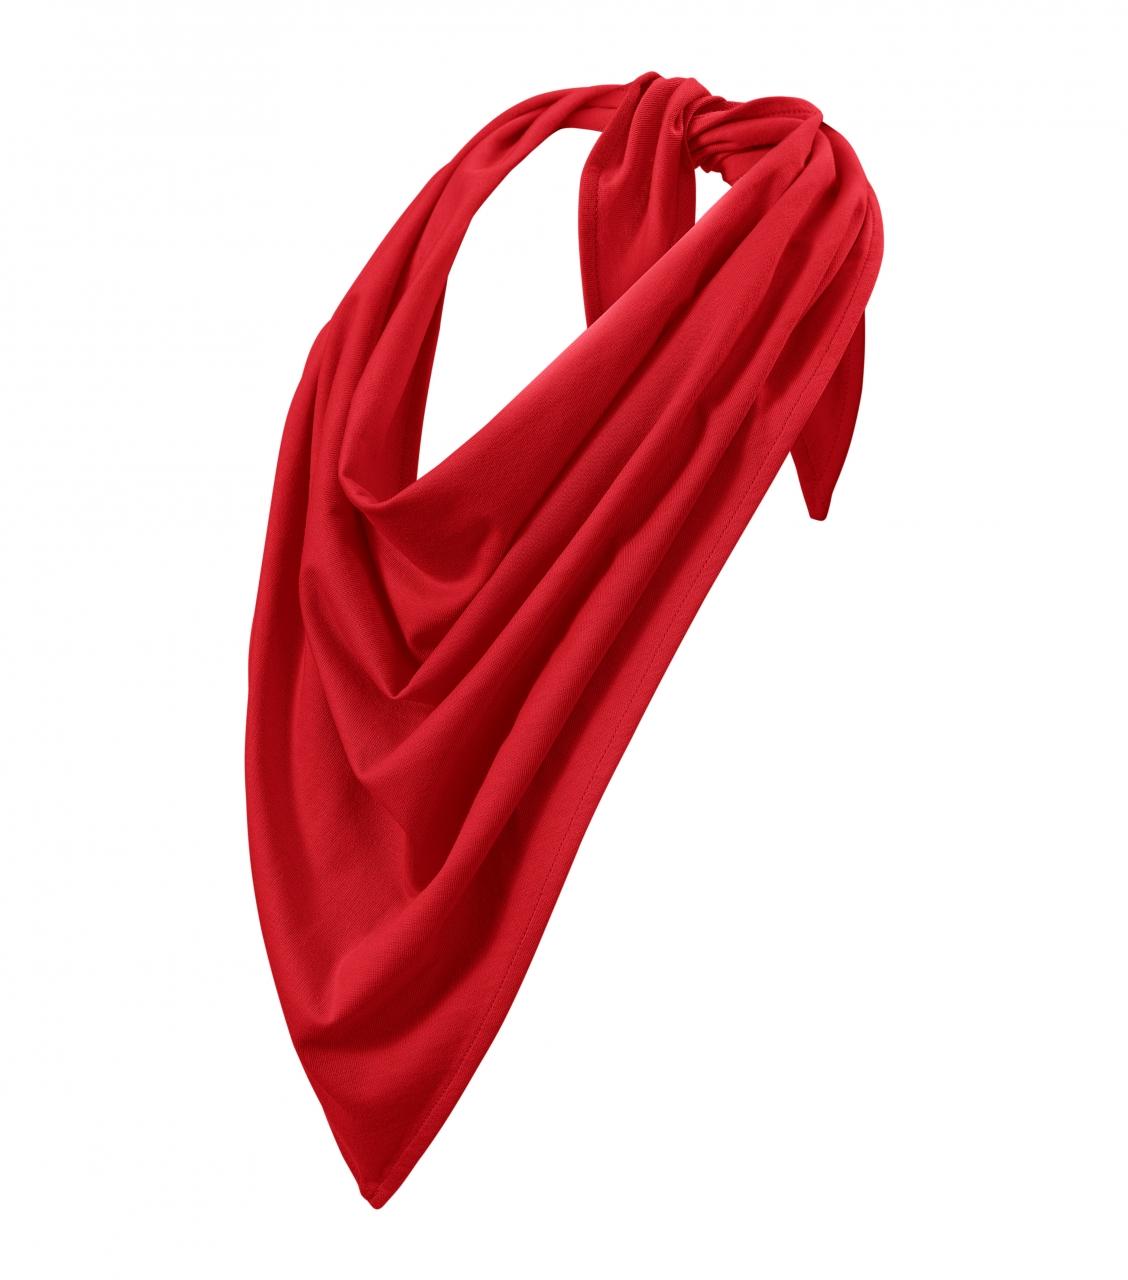 Šátek Adler Fancy - červený